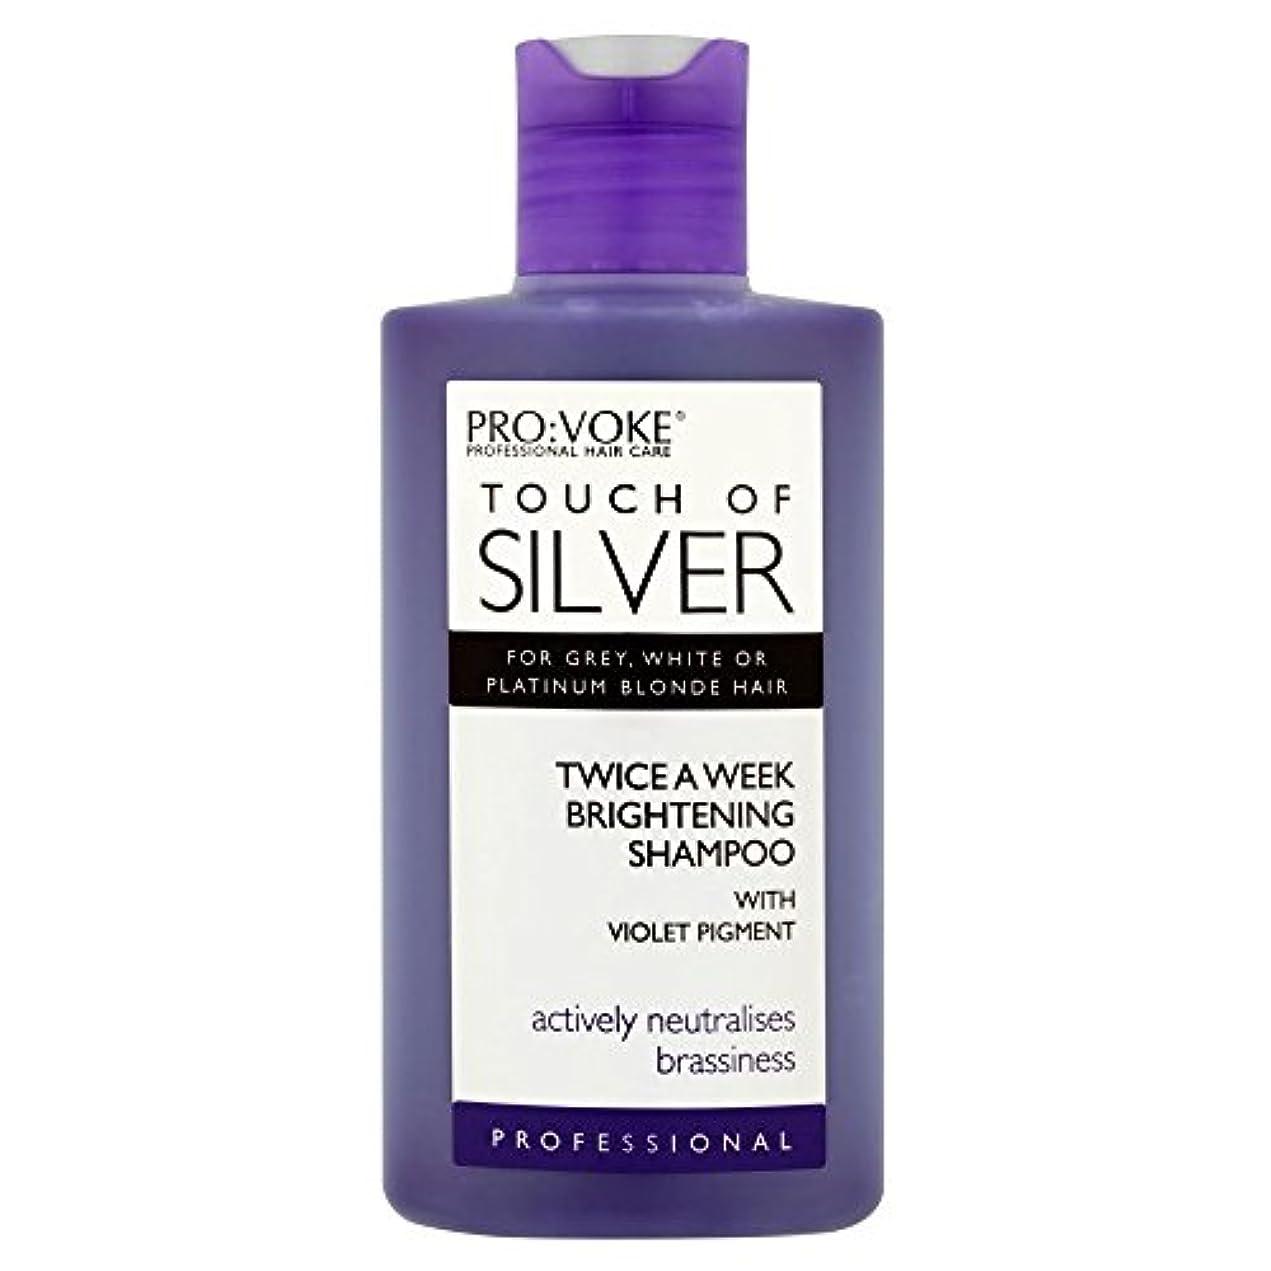 好奇心盛人気粒Pro:voke Touch of Silver Professional Twice a Week Brightening Shampoo (150ml) プロ:プロの銀二回週白シャンプーのvokeタッチ( 150ミリリットル...